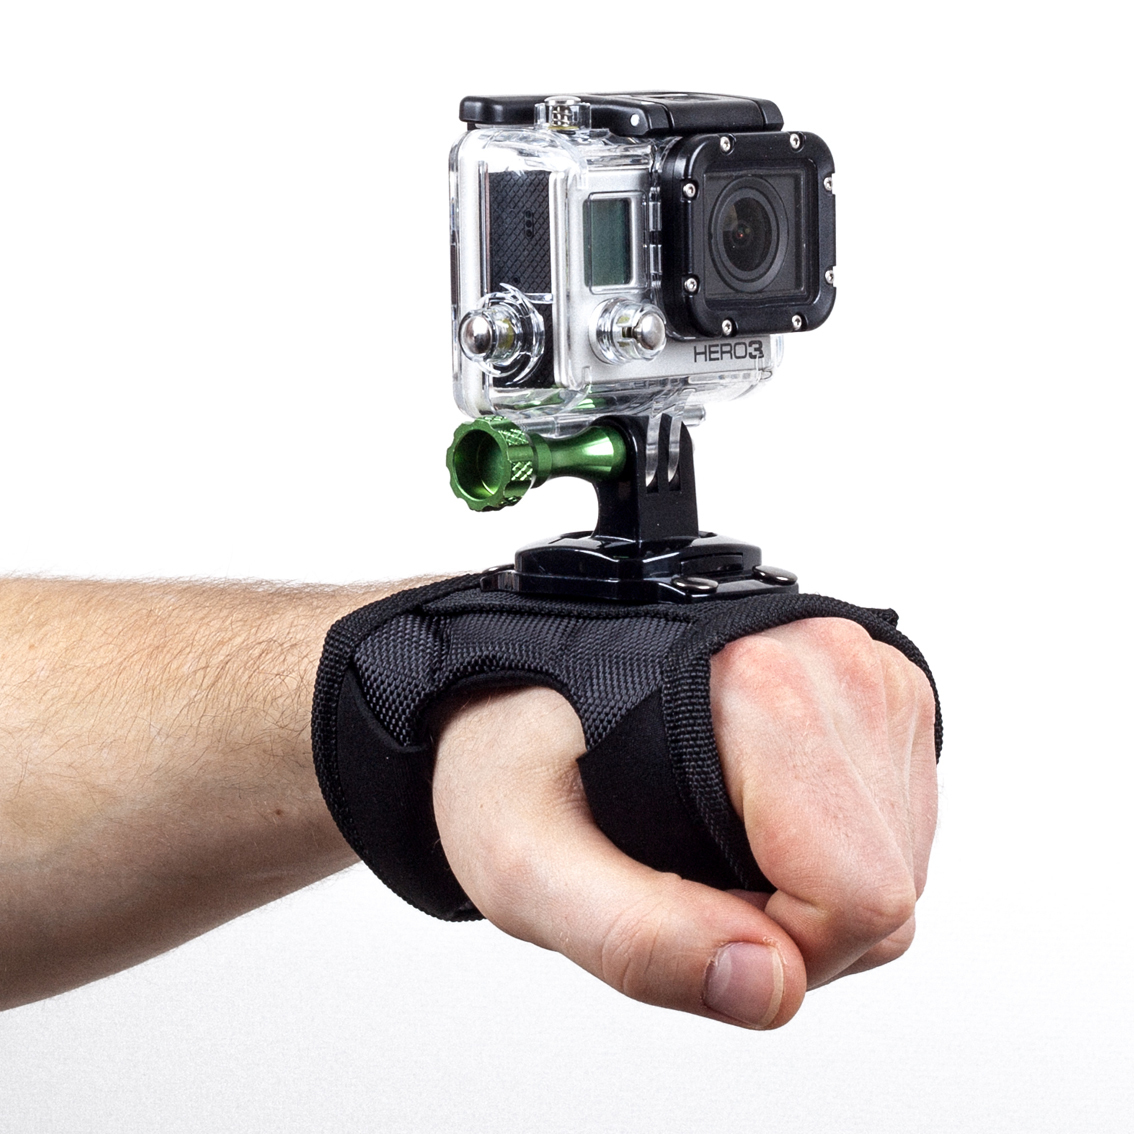 Кружок «Умелые руки» - GoPro Club - Российское сообщество 834